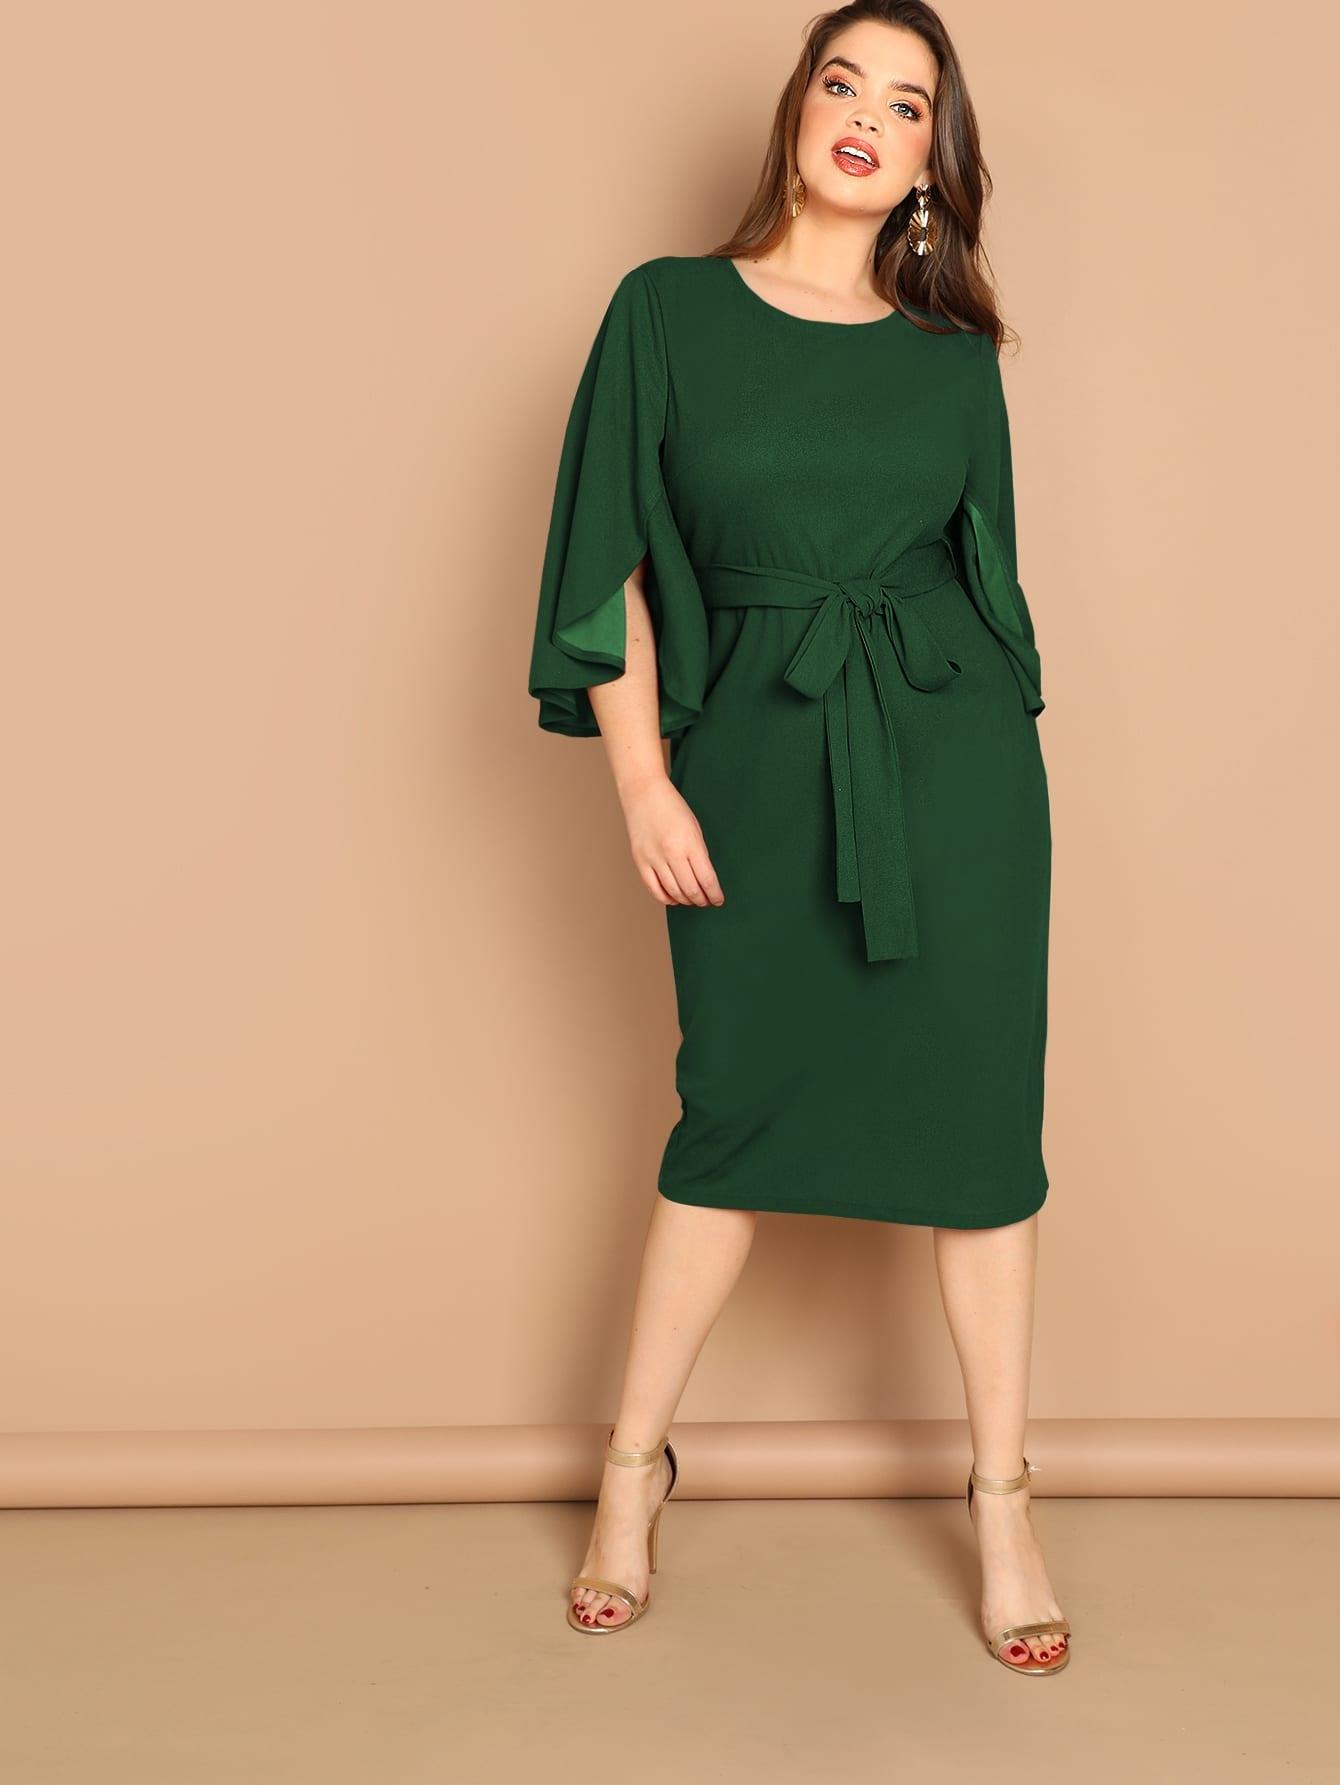 Размера плюс стильное платье с поясом и оригинальным рукавом